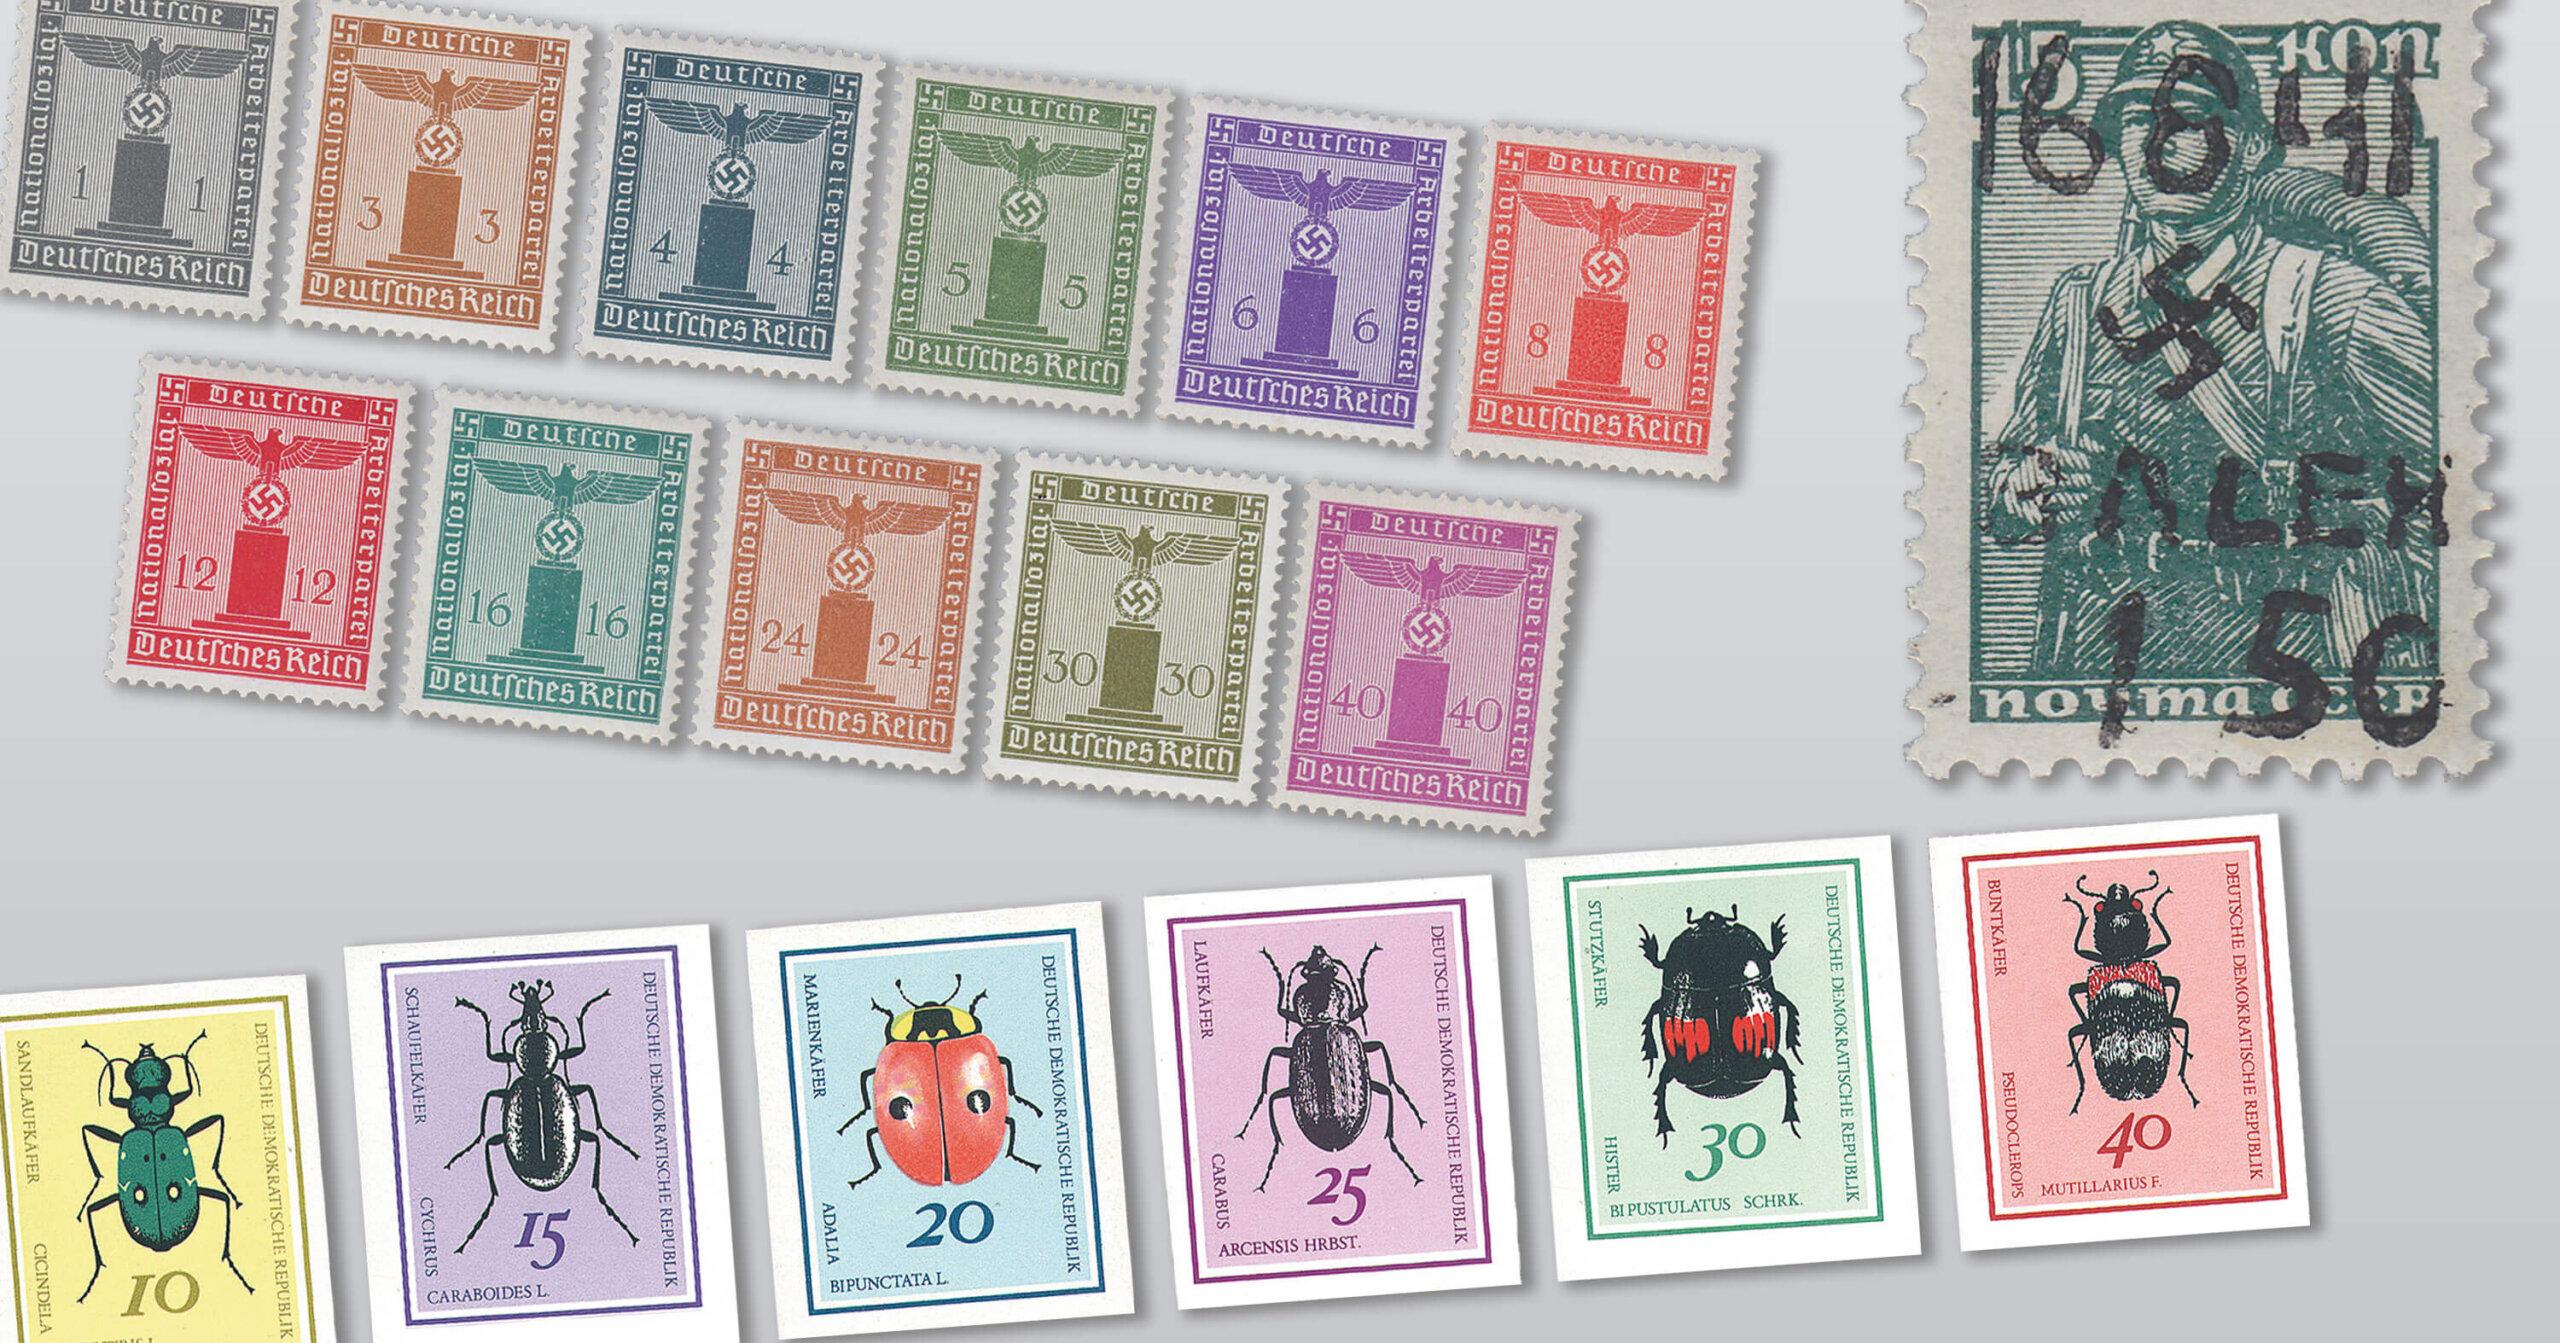 Zeitlose Welt der Briefmarken 2/2021